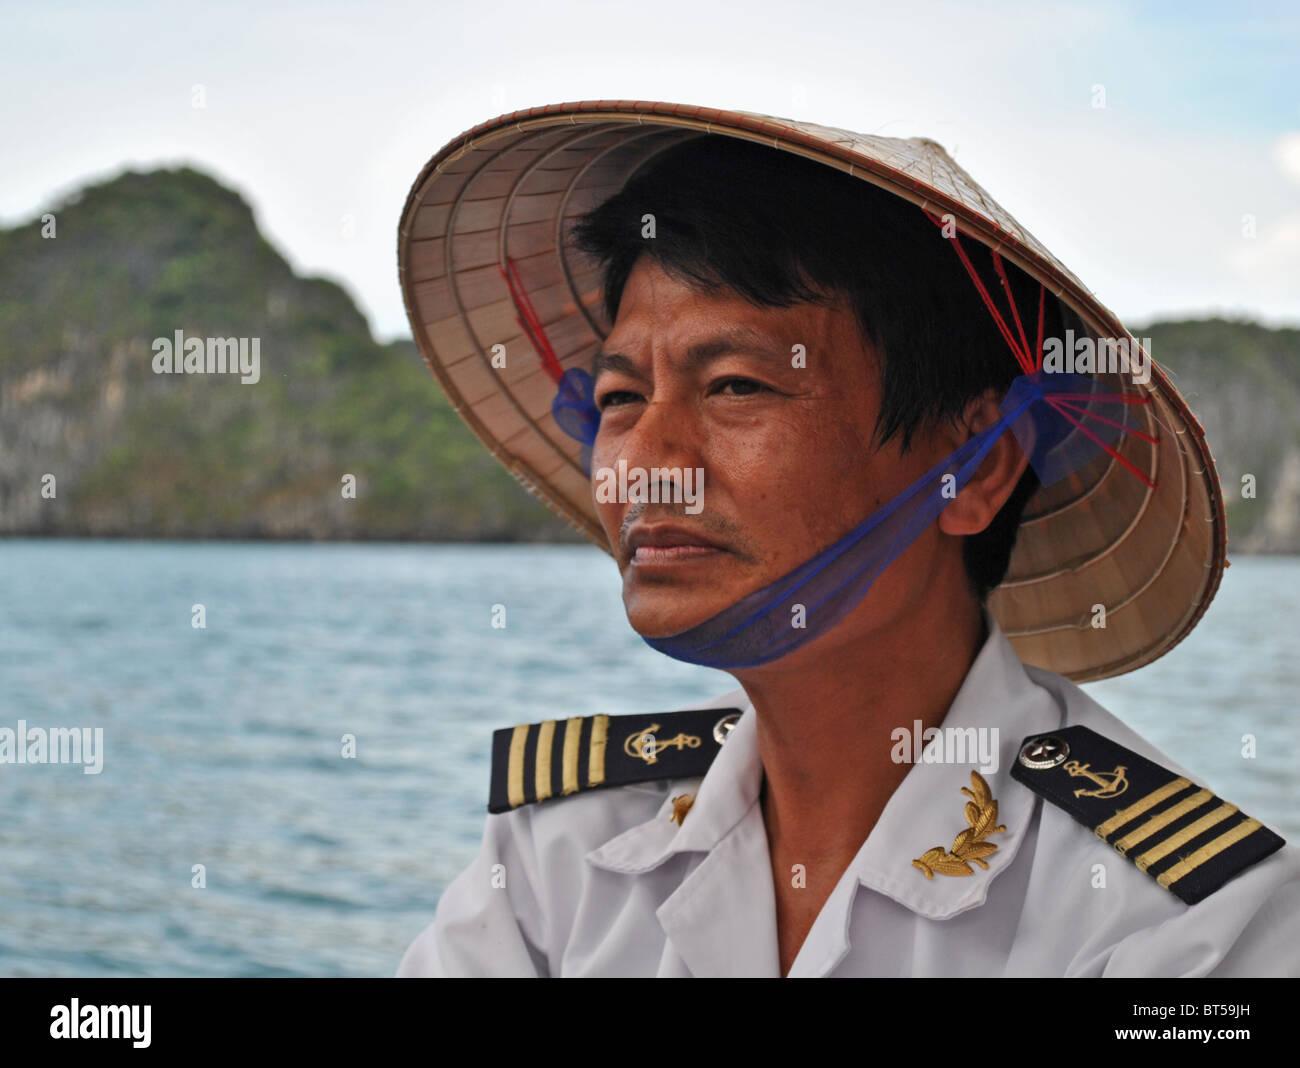 Boat captain in Halong Bay, Vietnam - Stock Image